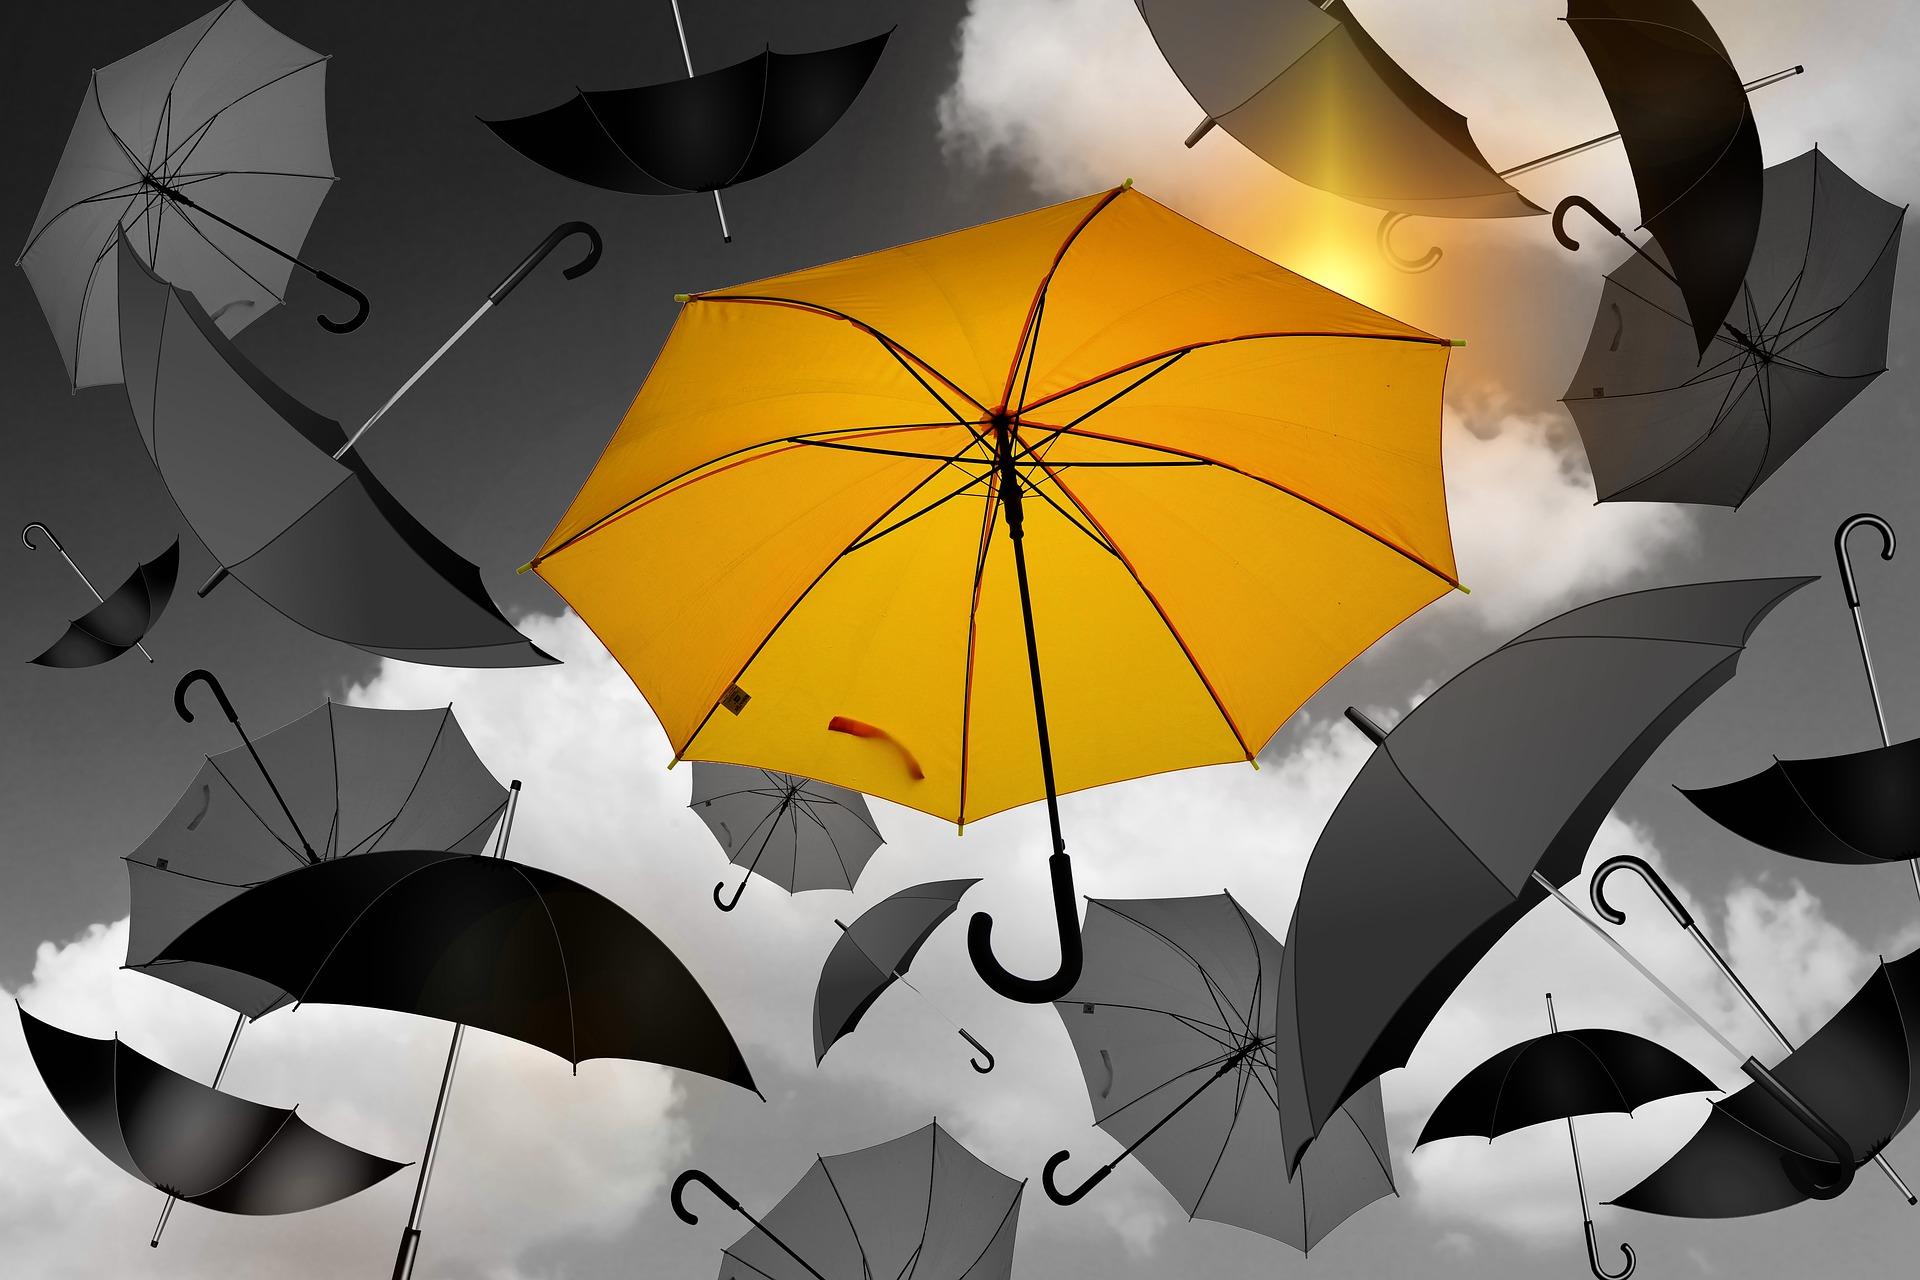 Freiwilligenmanagement: Schirm